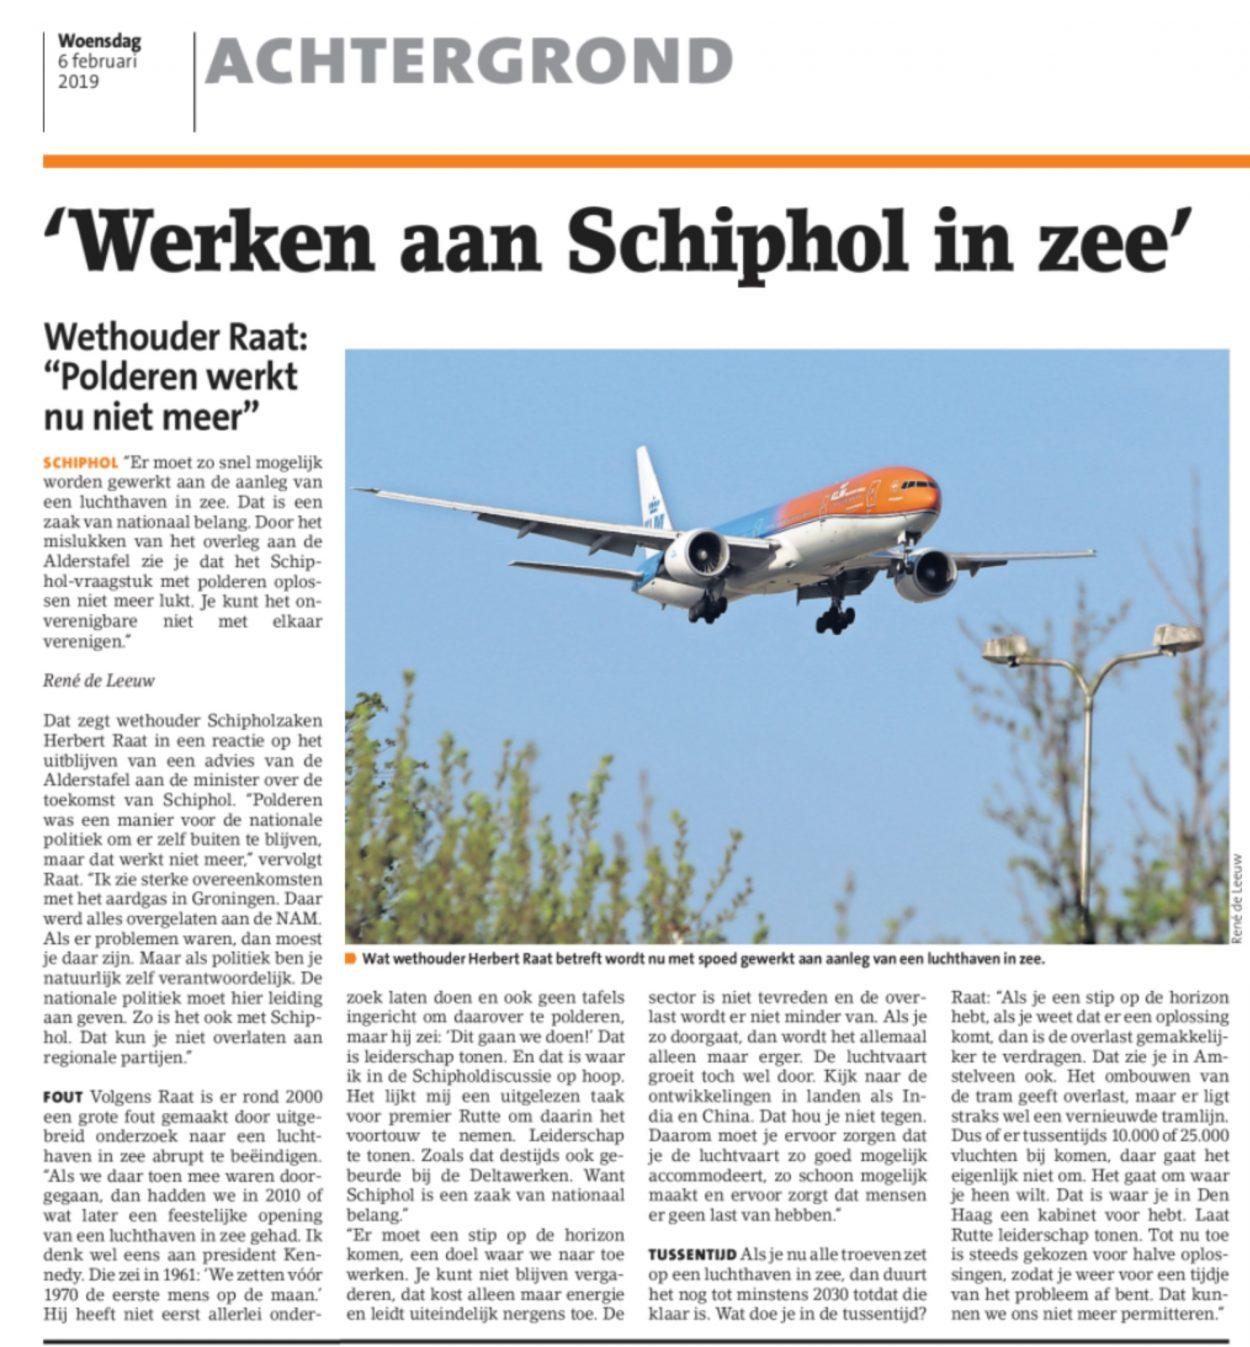 2019-6-2 Amstelveens Nieuwsblad; Herbert Raat over Schiphol in zee